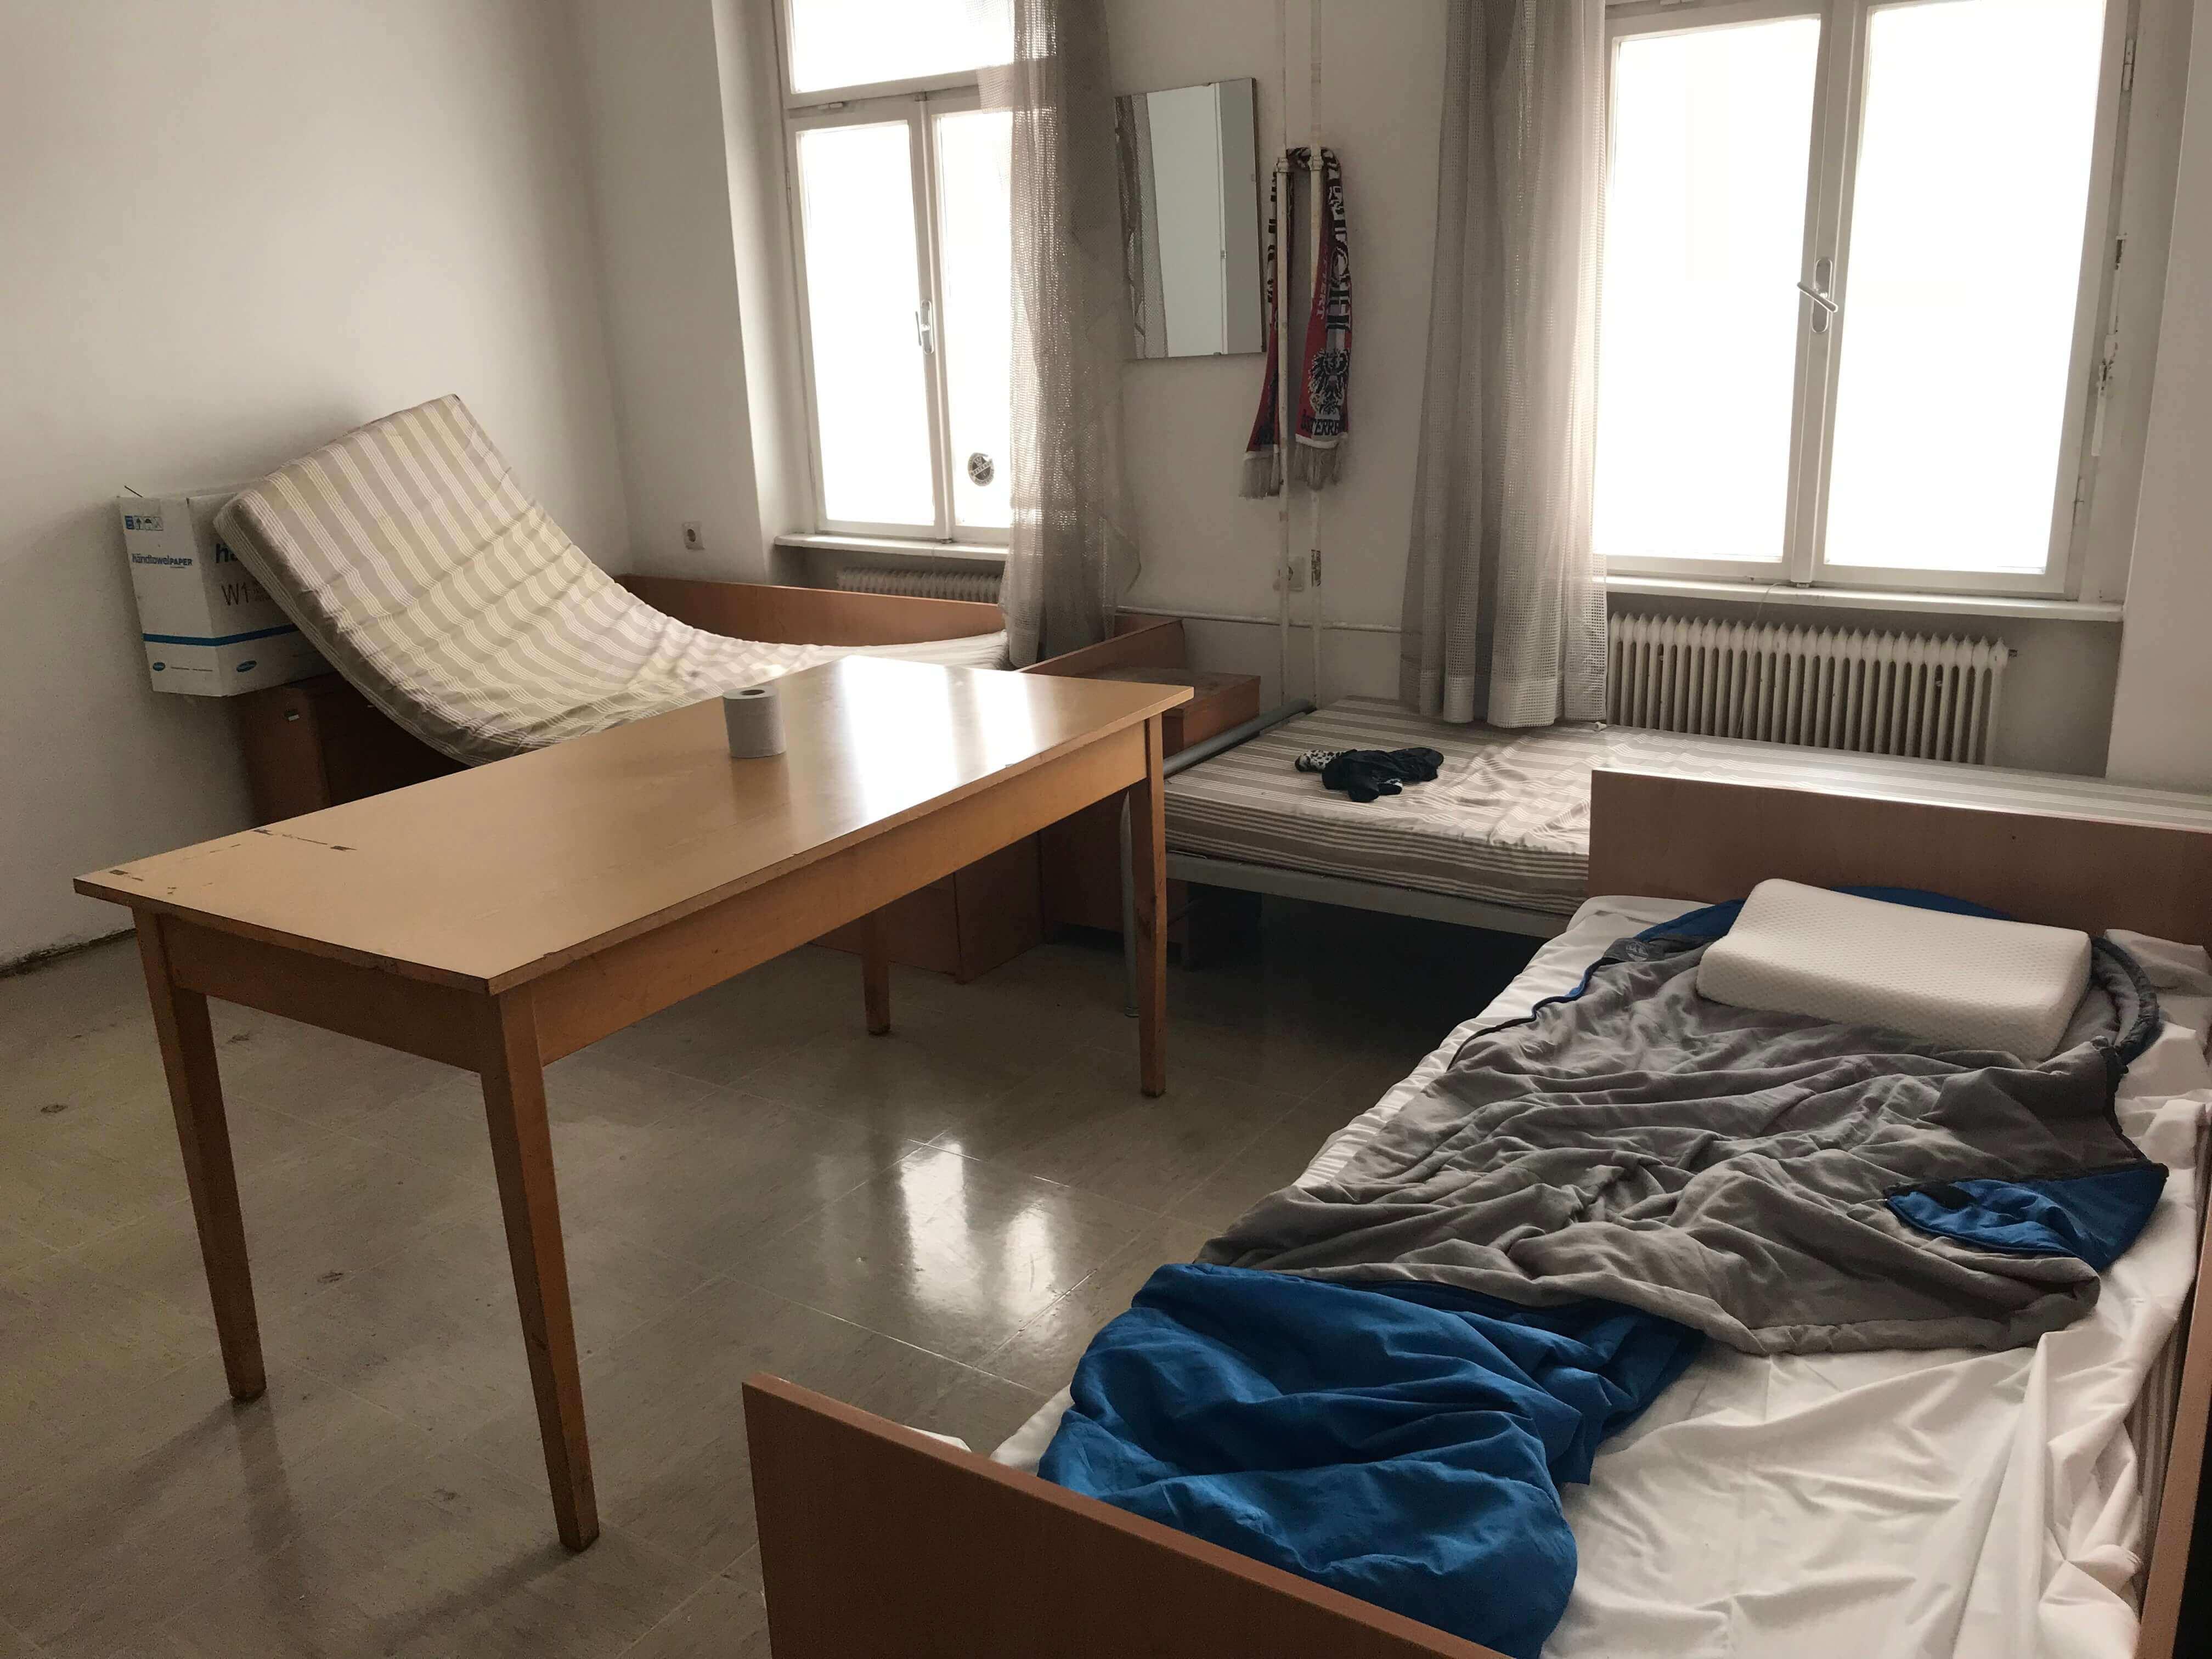 Kleiner Raum mit 3 alten Betten, Matratzen sind ungefähr aus den 70iger.